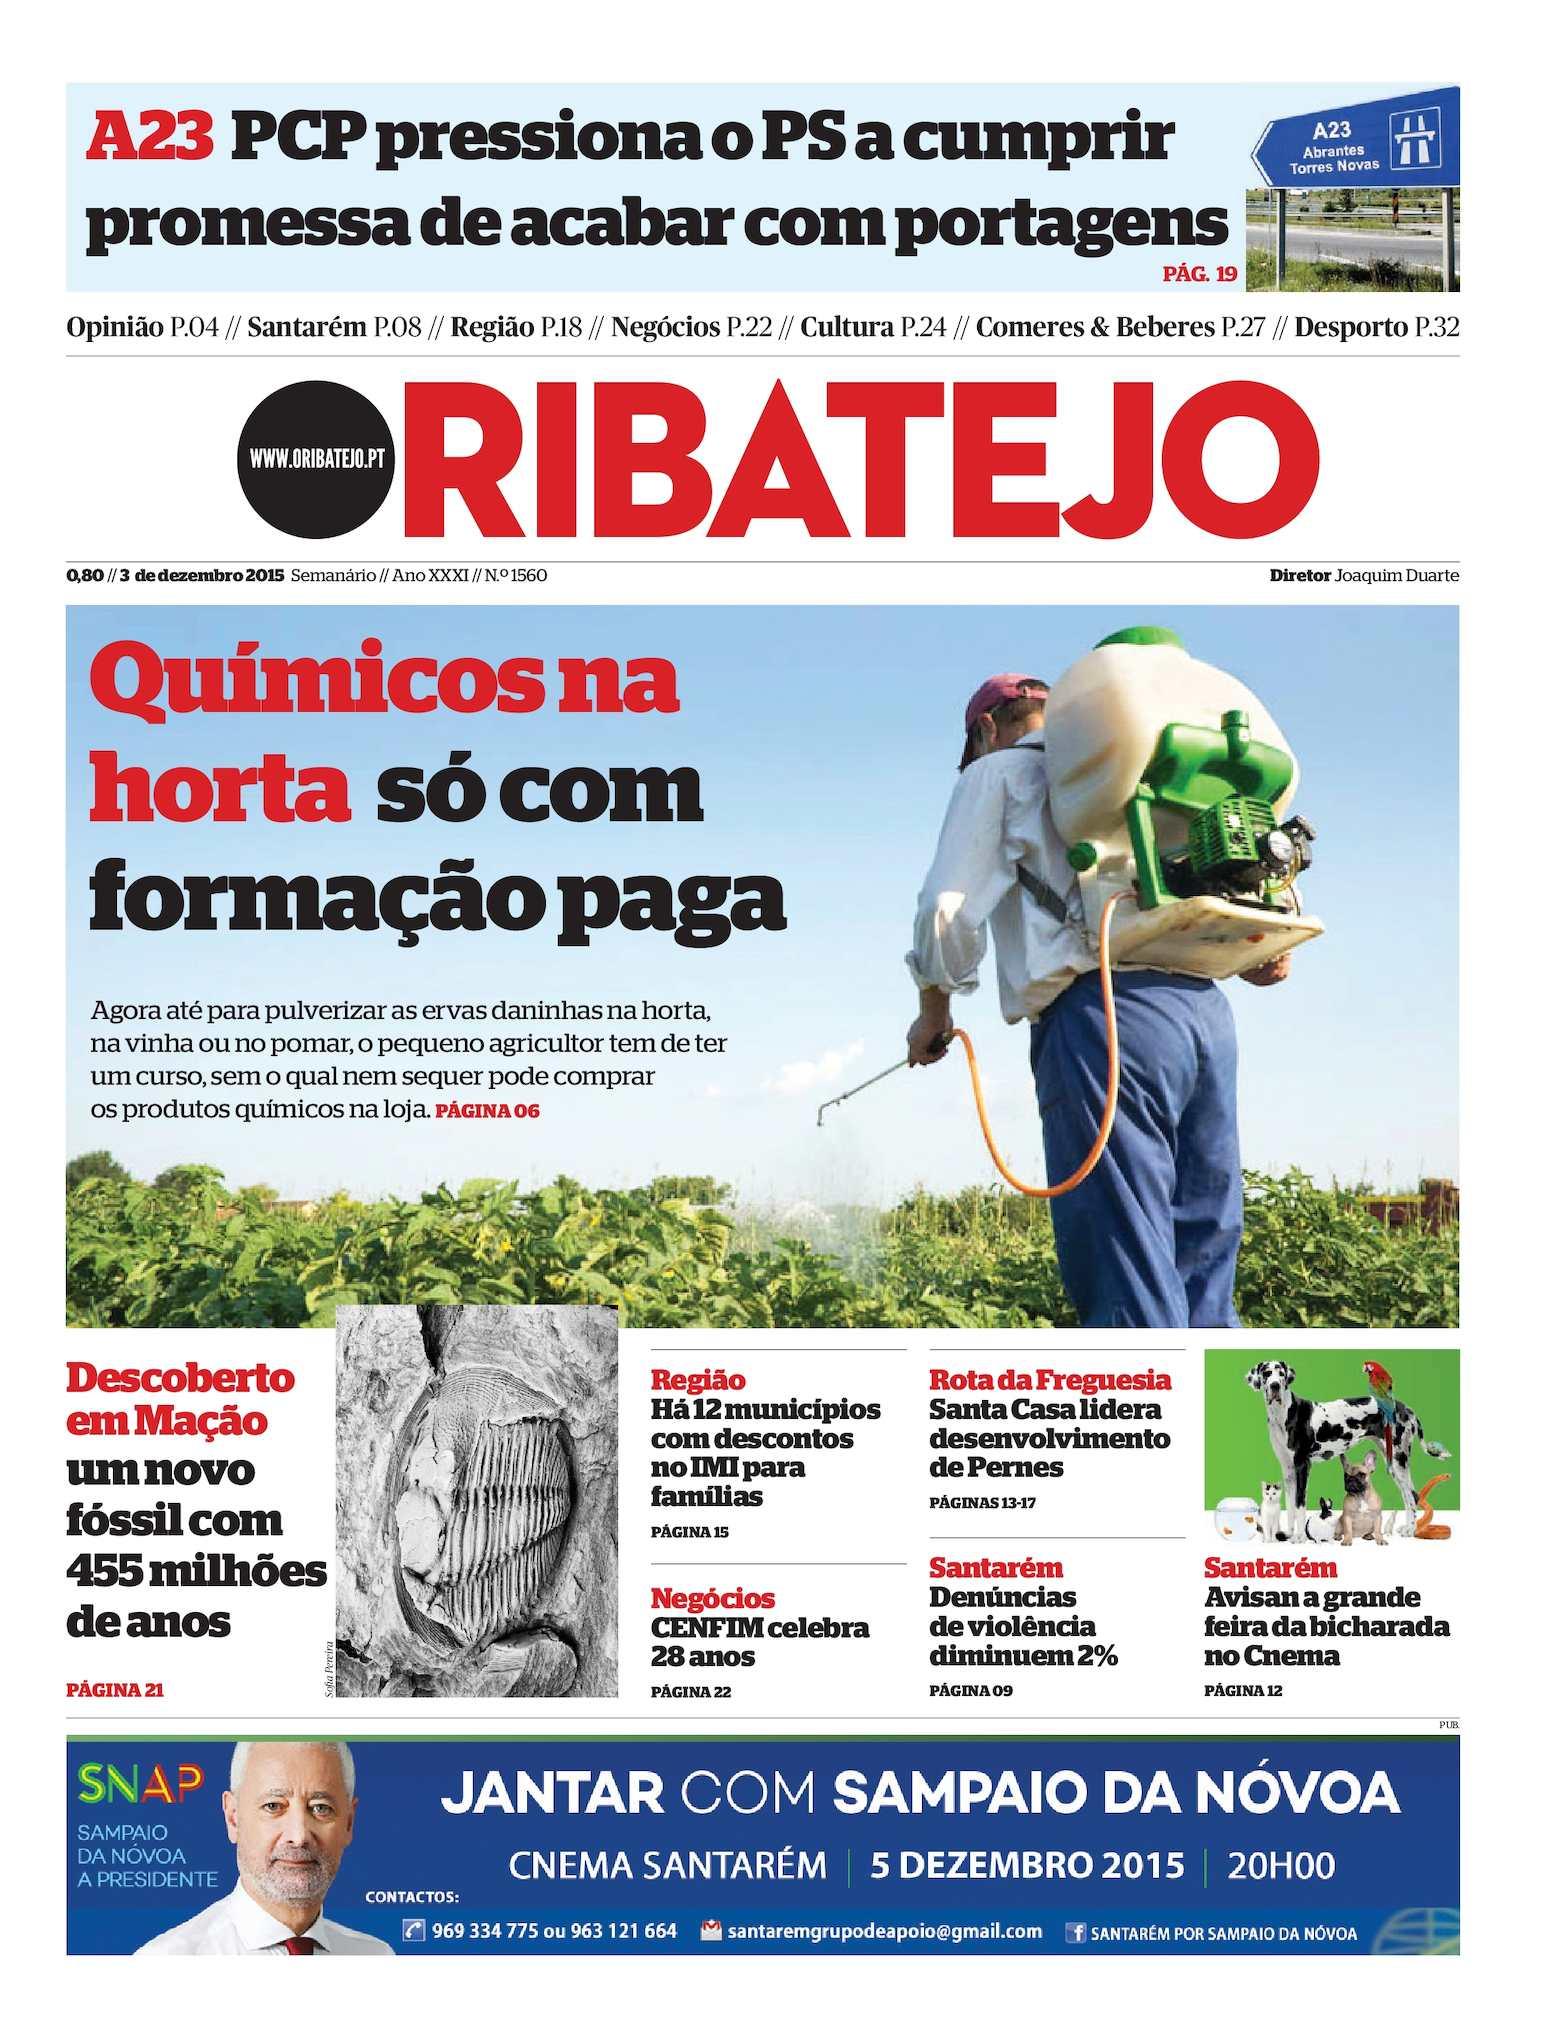 0438516d0e30a Calaméo - Edição 1560 do Jornal O Ribatejo - 3 de Dezembro de 2015